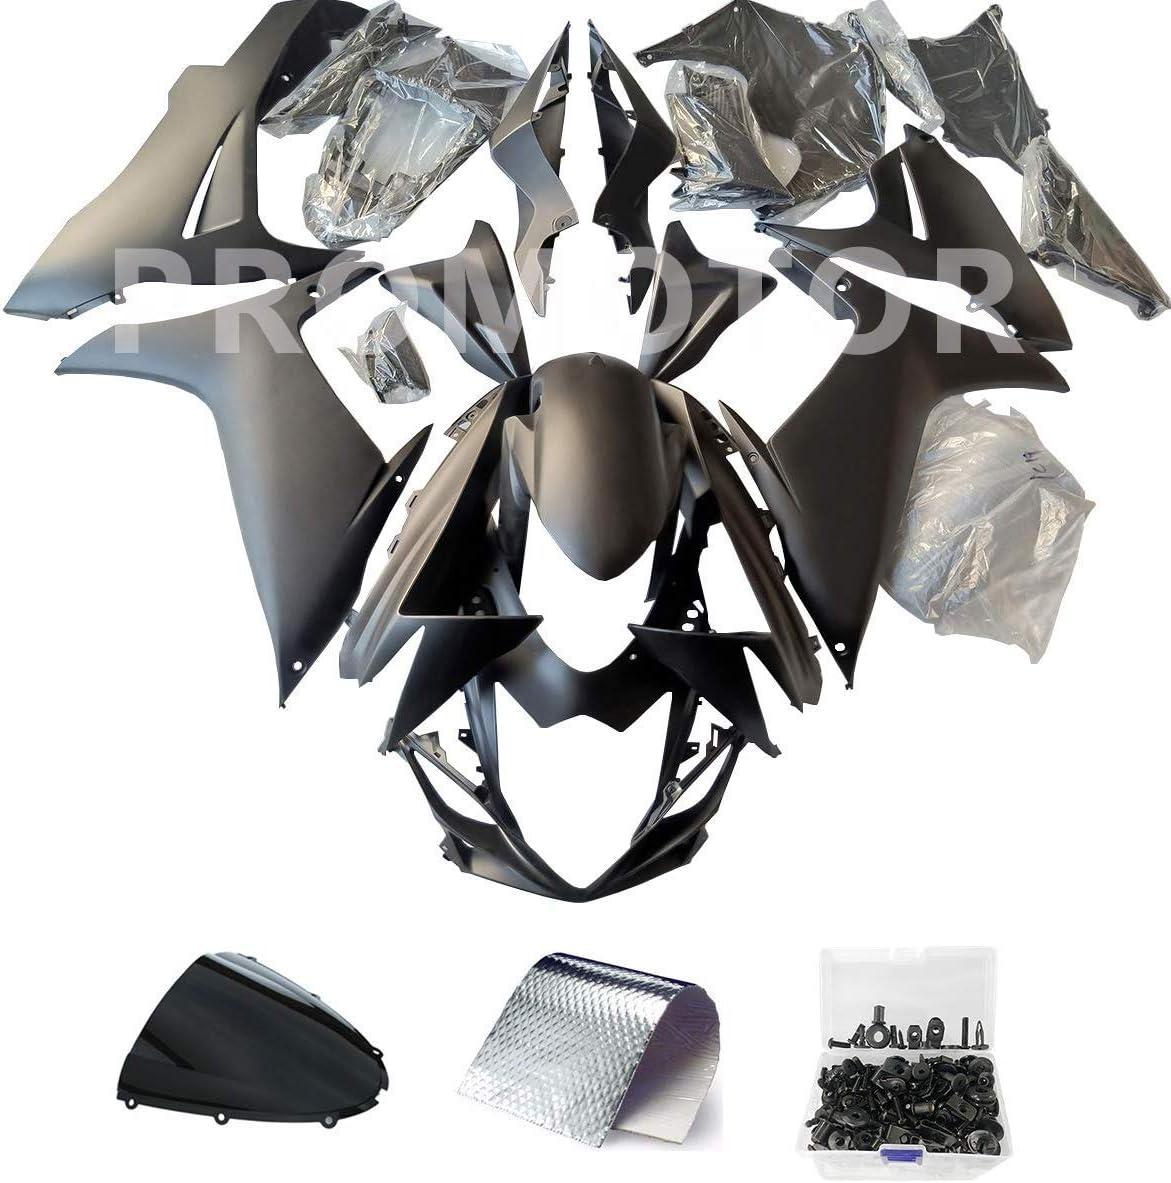 ZXMT Motorcycle Fairing Kit Matte Black Fairings for Suzuki GSXR 600 GSXR 750 2011 2012 2013 2014 2015 2016 2017 2018 2019 25 Pcs